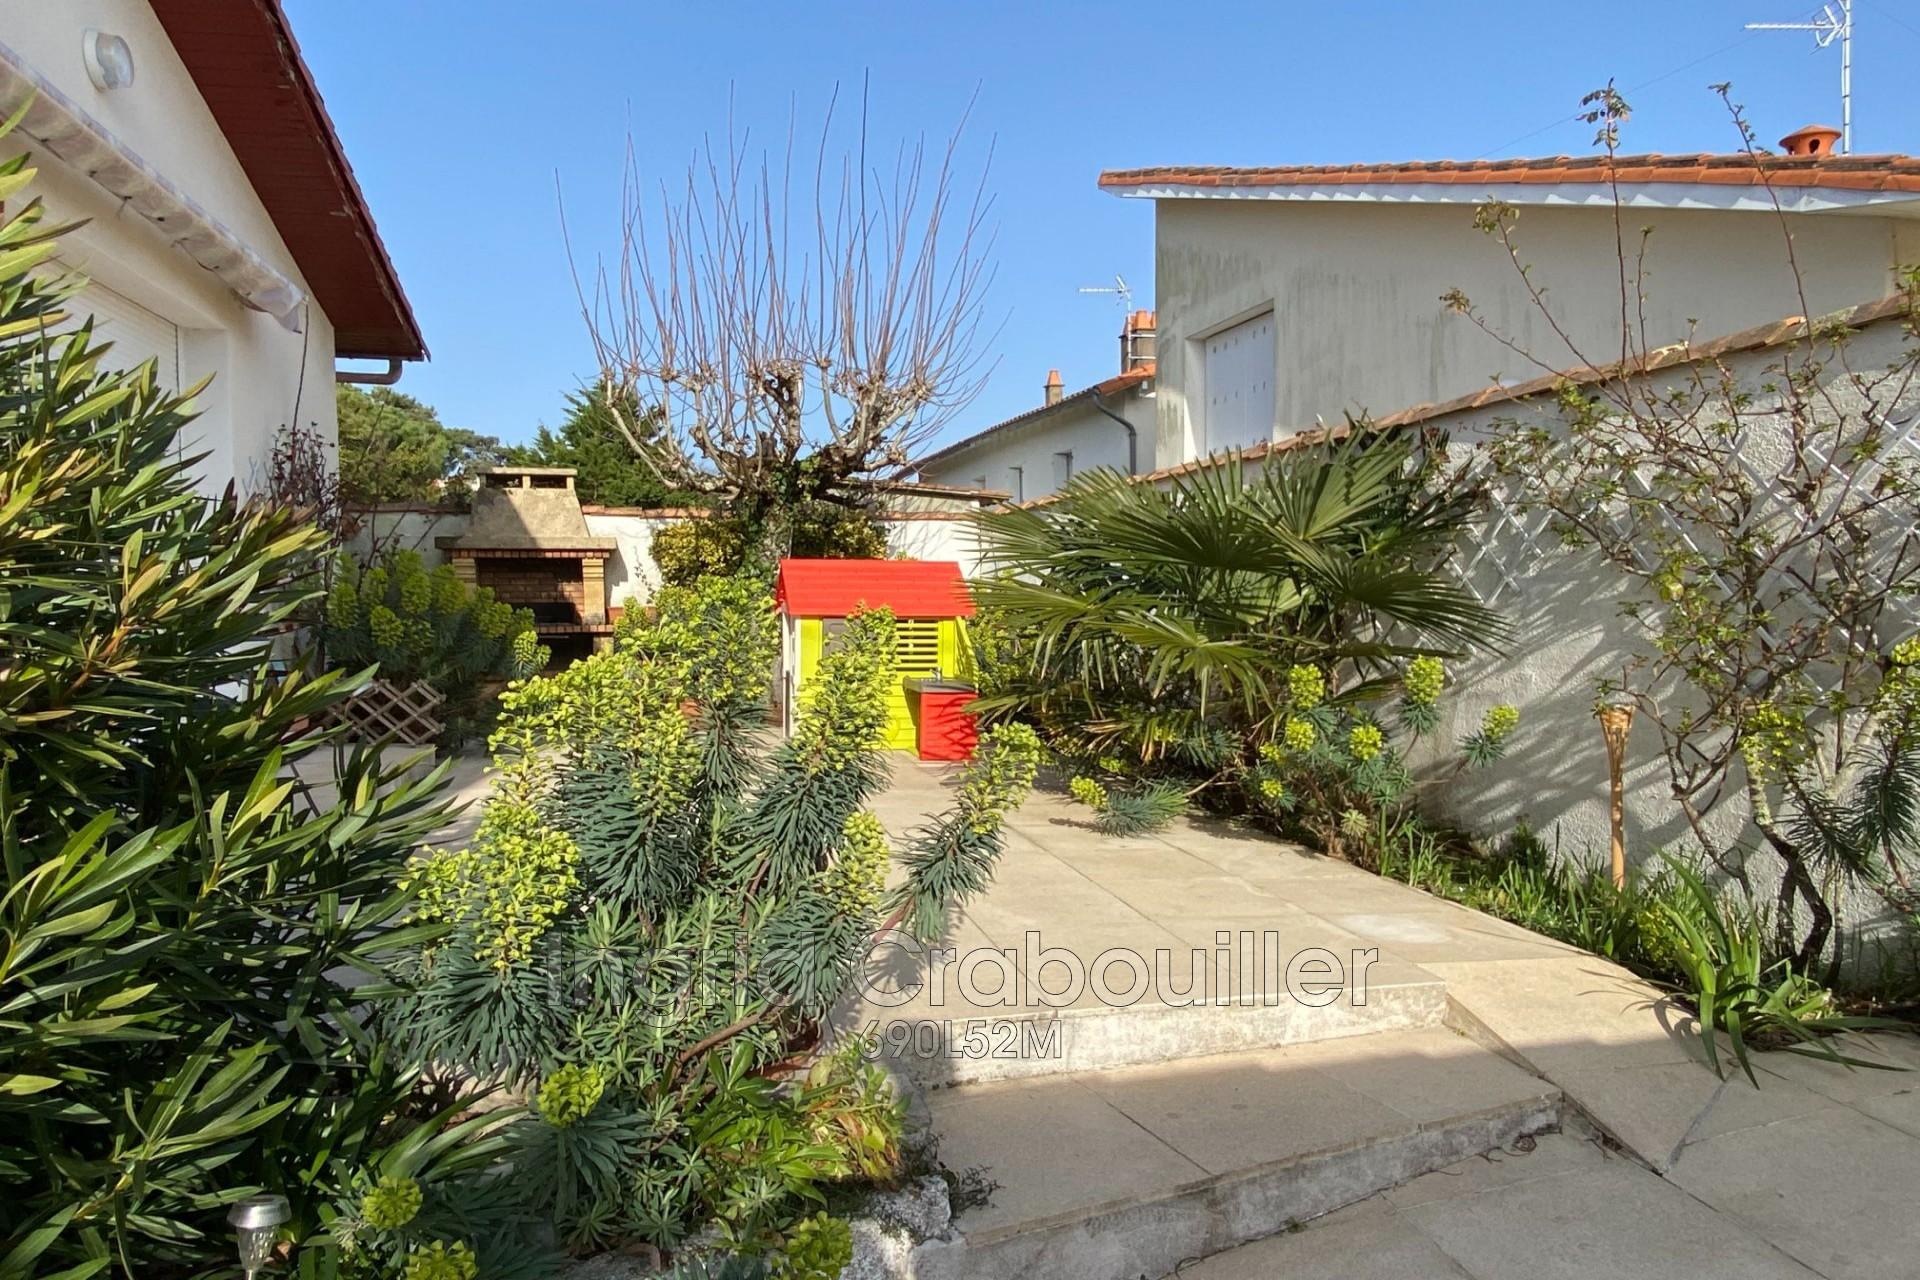 Location saisonnière maison Royan - réf. 690L52M